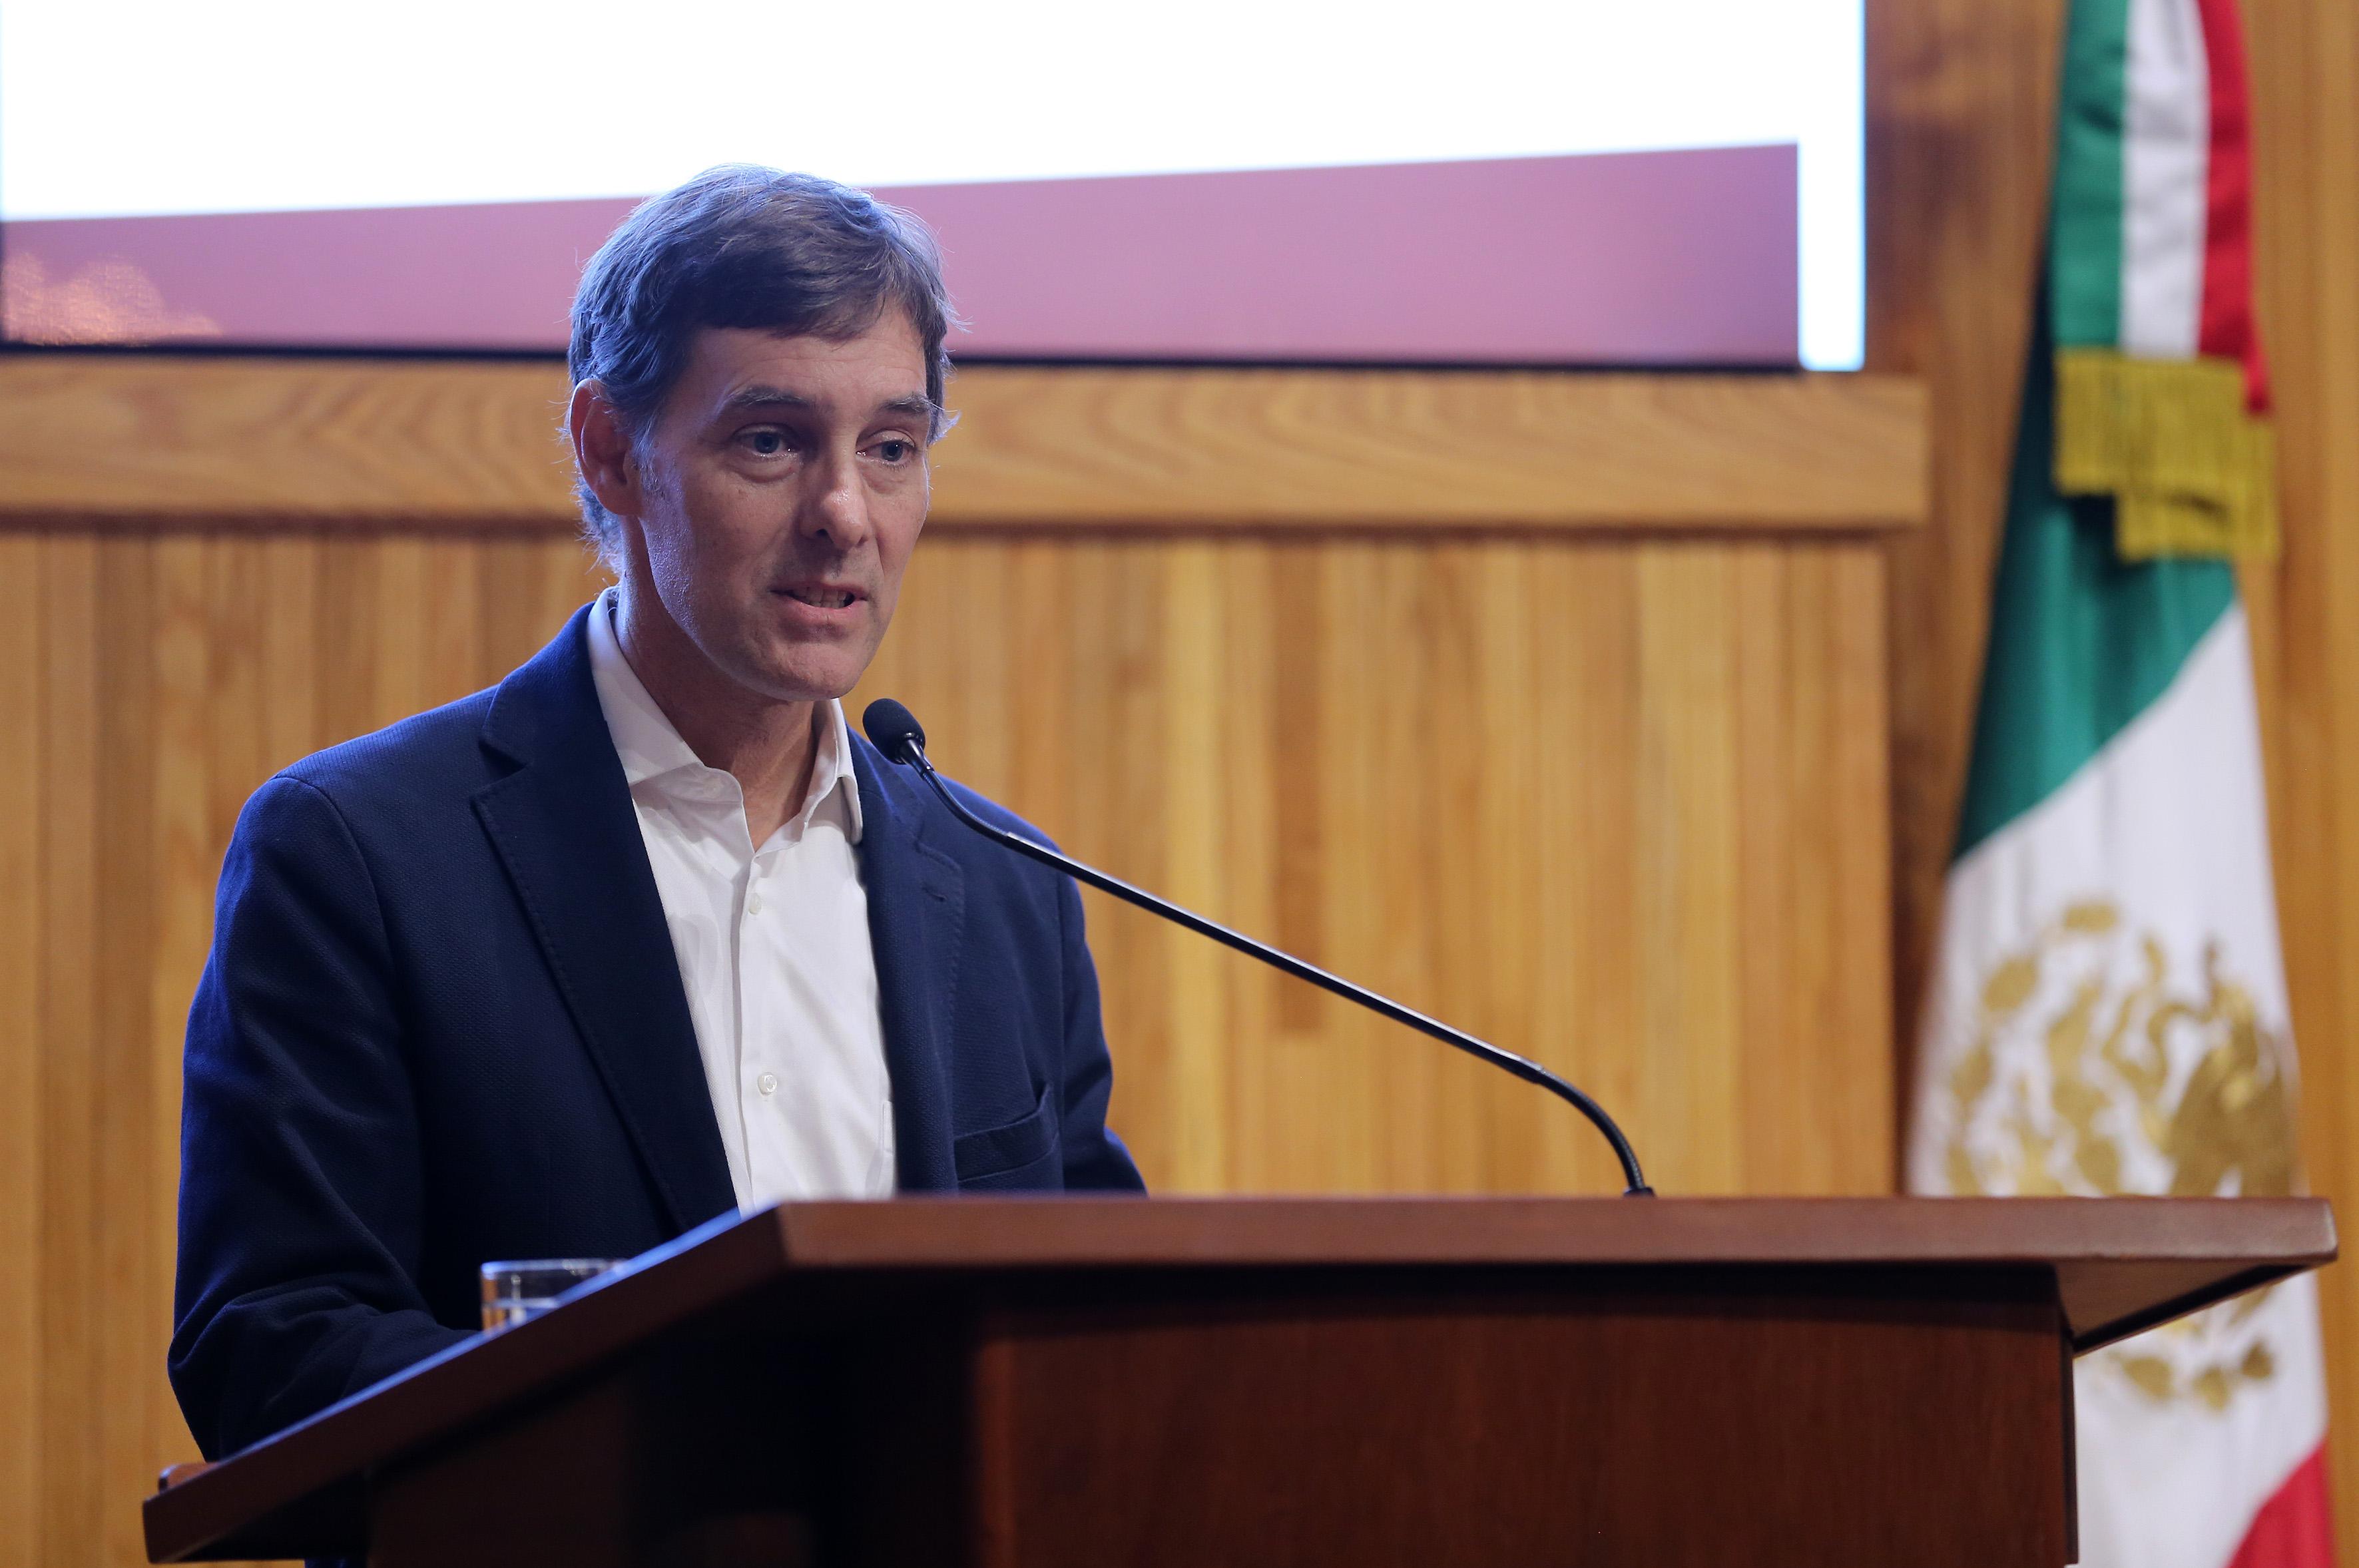 Doctor Robert Edward Curley, jefe del Departamento de Estudios Socio Urbanos del CUCSH, haciendo uso de la palabra en podium del Paraninfo para presidir la mesa de presentación de la catedrática.